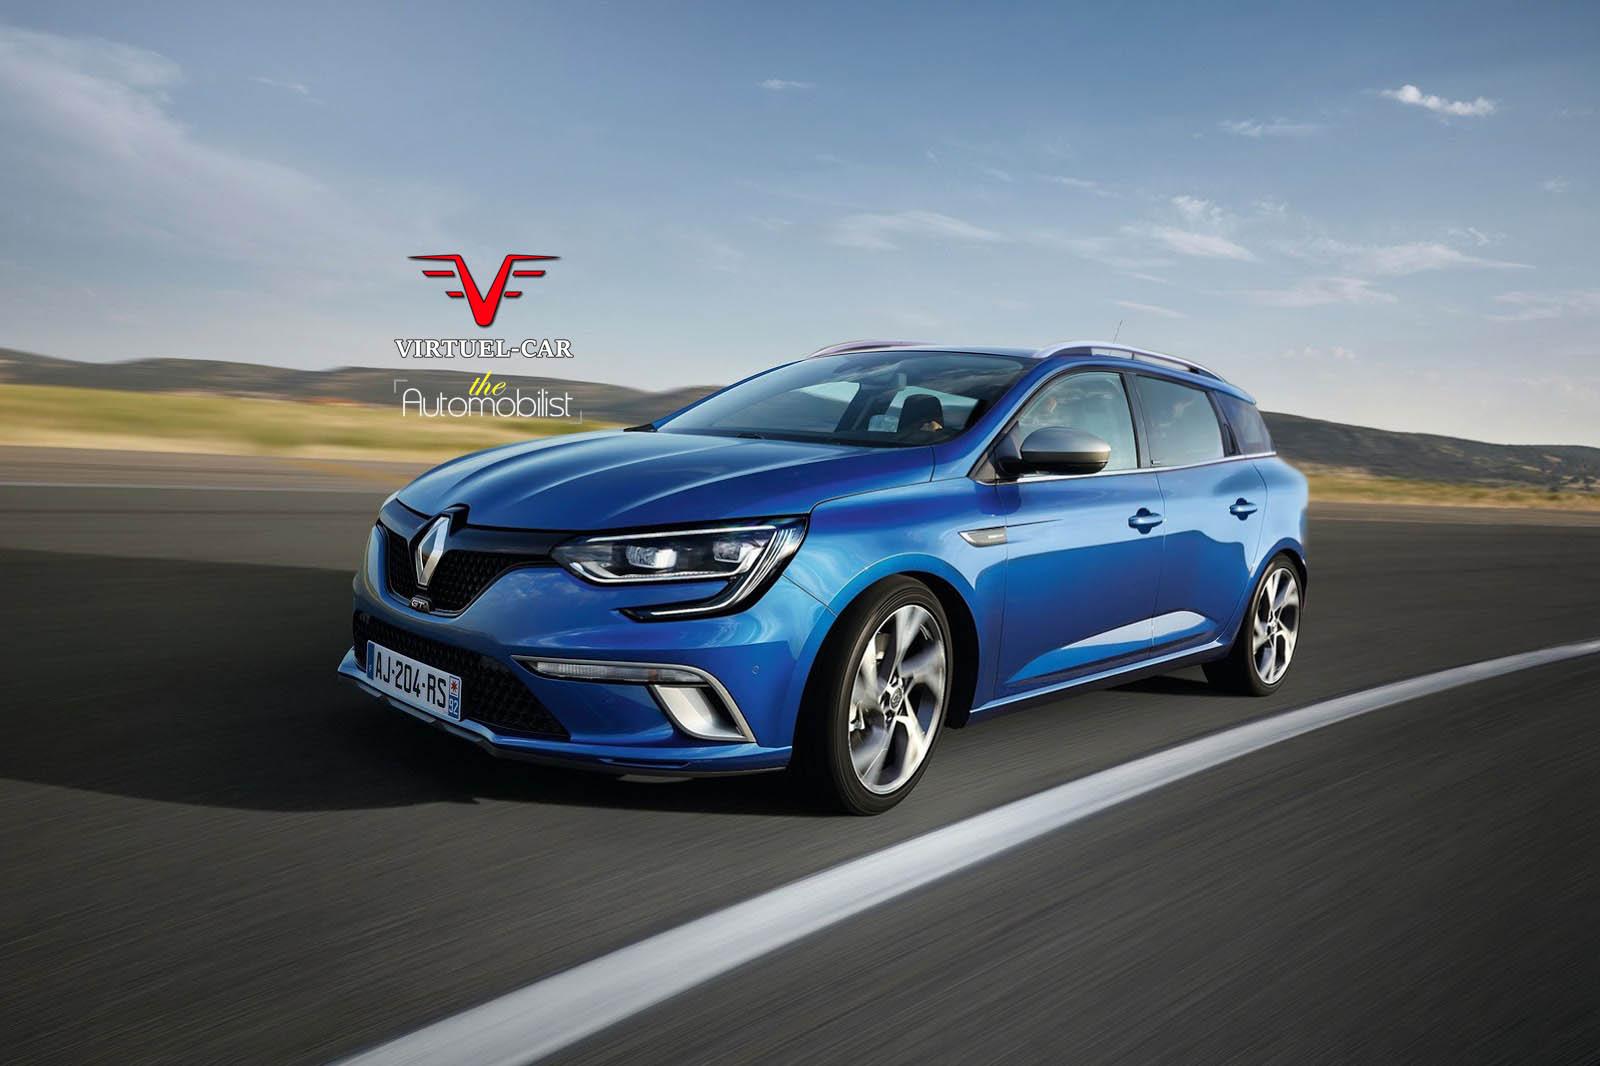 2017 Renault Megane IV Estate Rendered - autoevolution